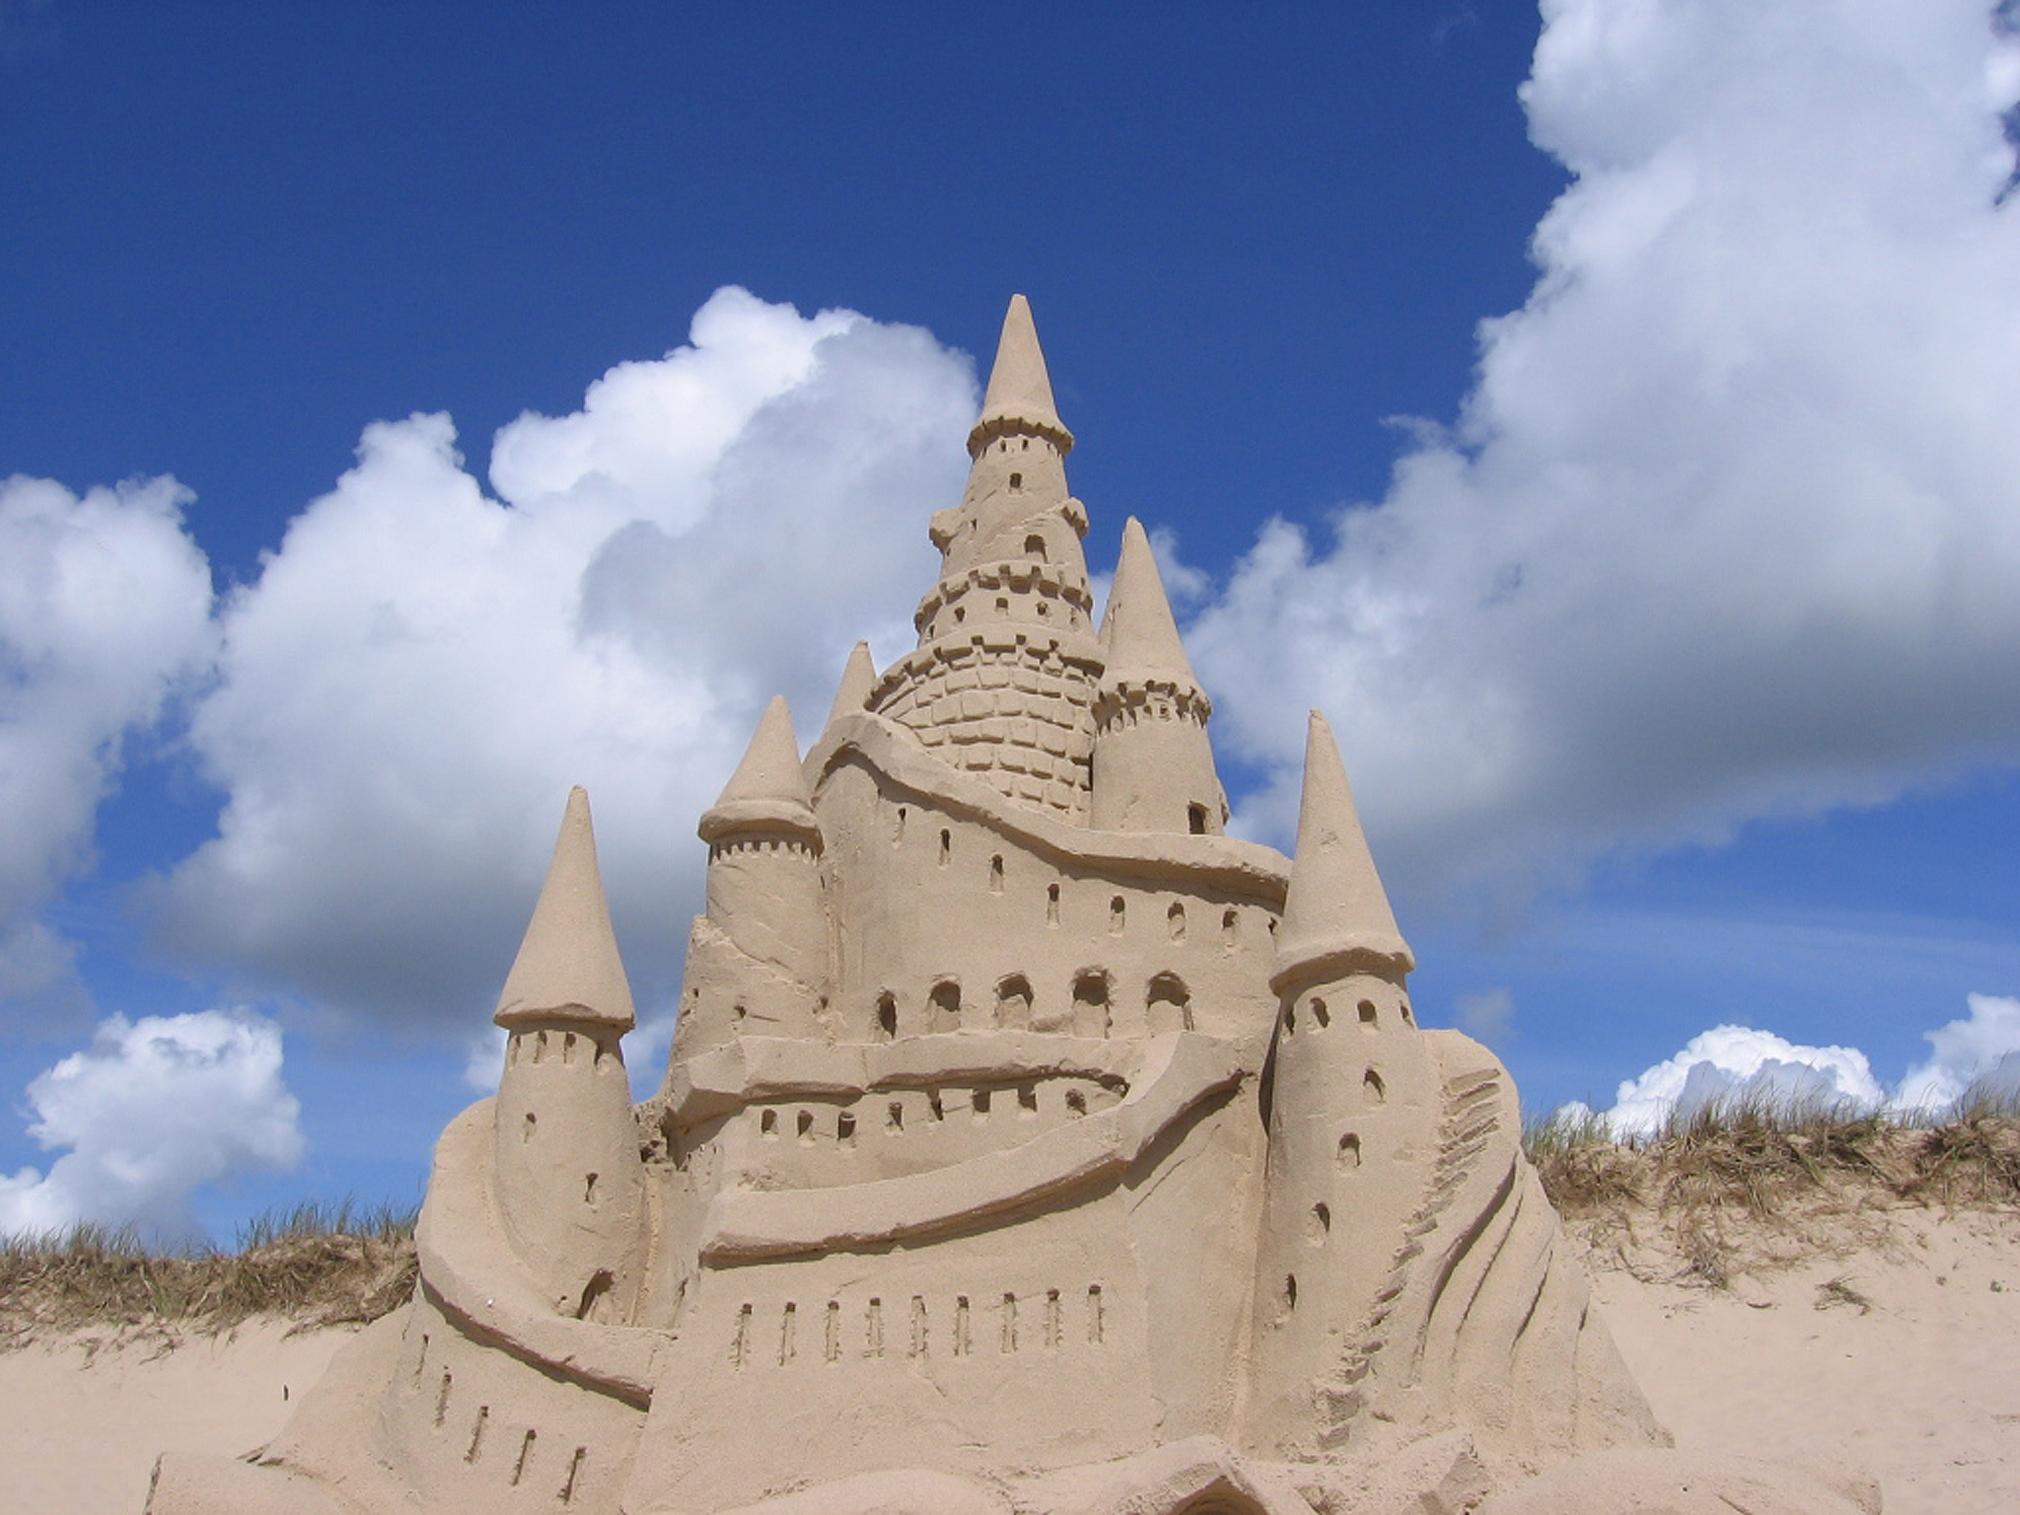 Chateau_de_sable2.jpg